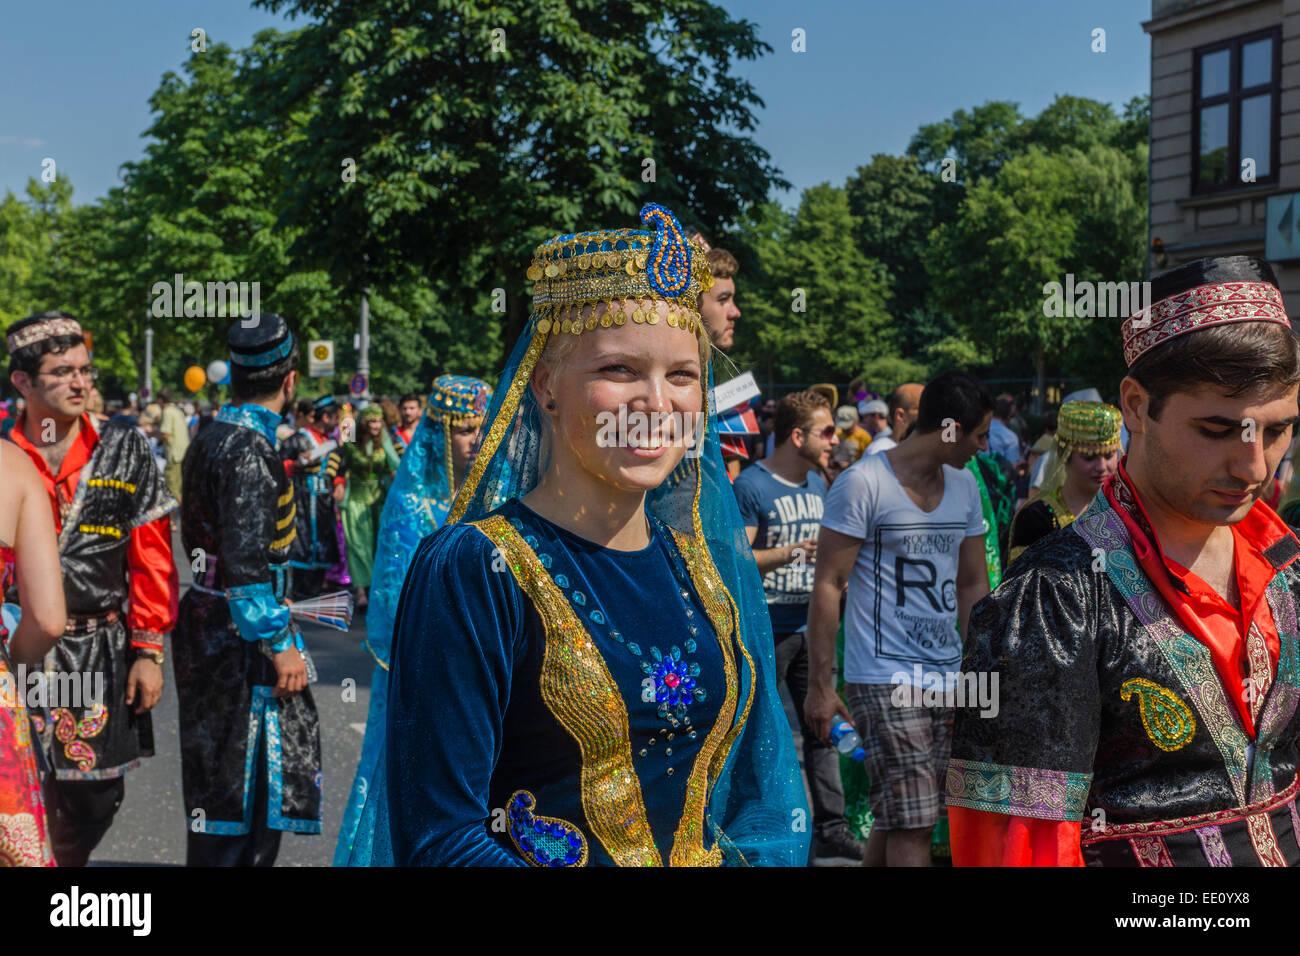 """Desfile anual """"Carnaval de las Culturas"""" a través de Kreuzberg, Berlín, Alemania Imagen De Stock"""